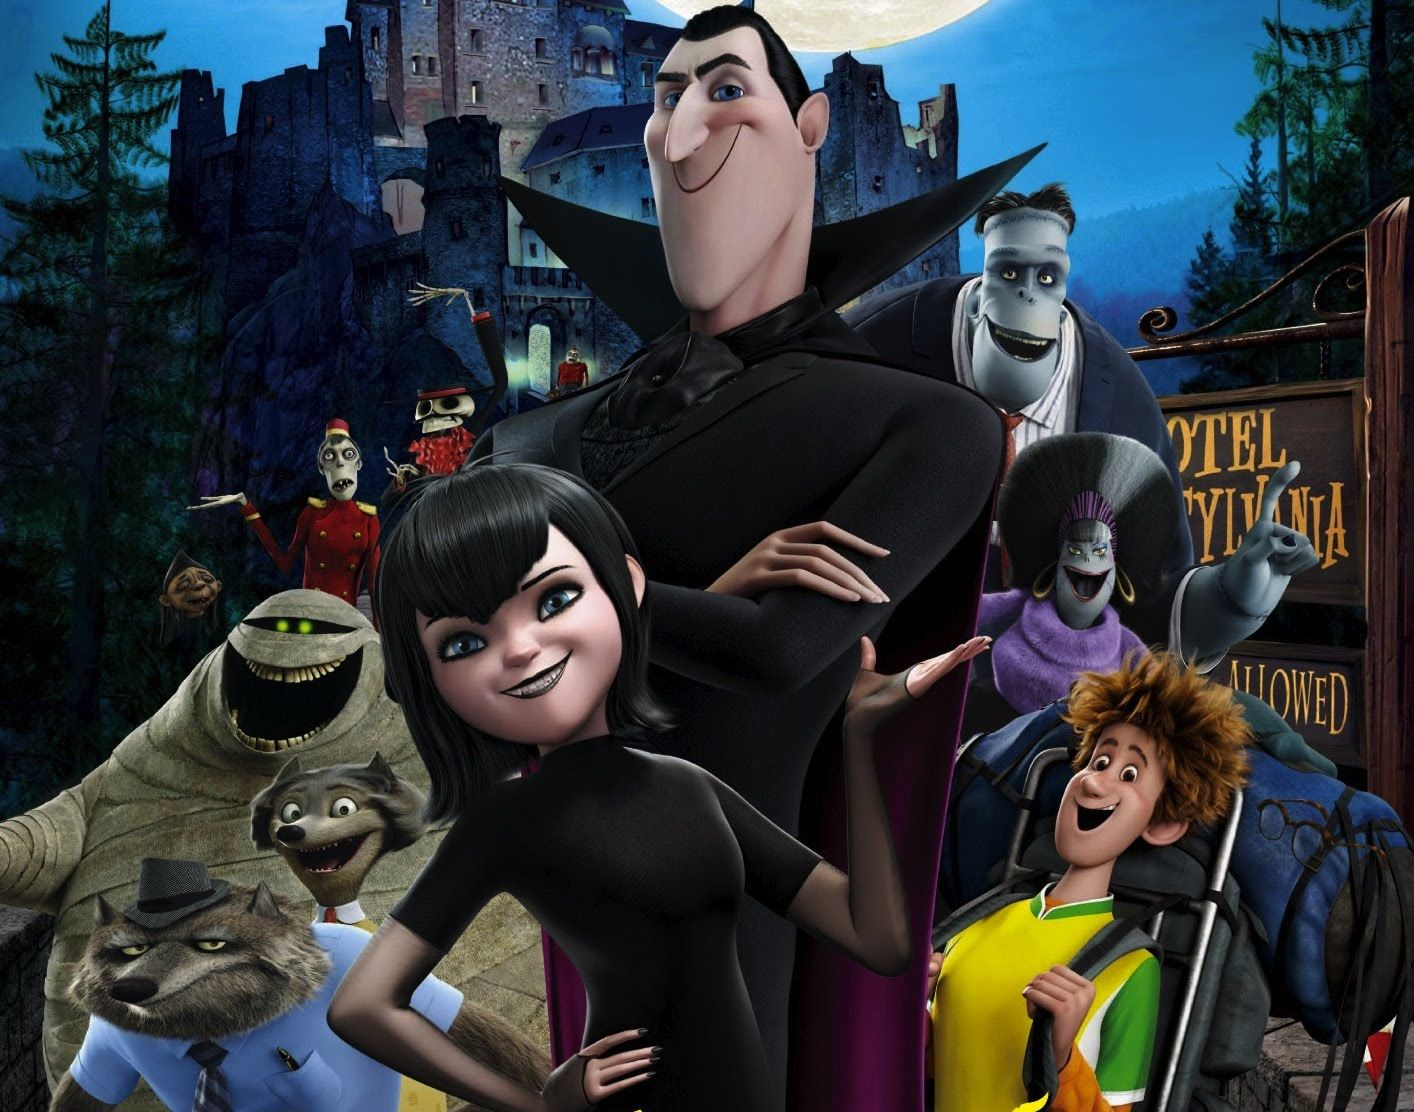 Hotel Transylvania Pelicula Completa En Español Hd Animación Comedia Fantástico Peliculas De Disney Hotel Transylvania Película Completa Peliculas